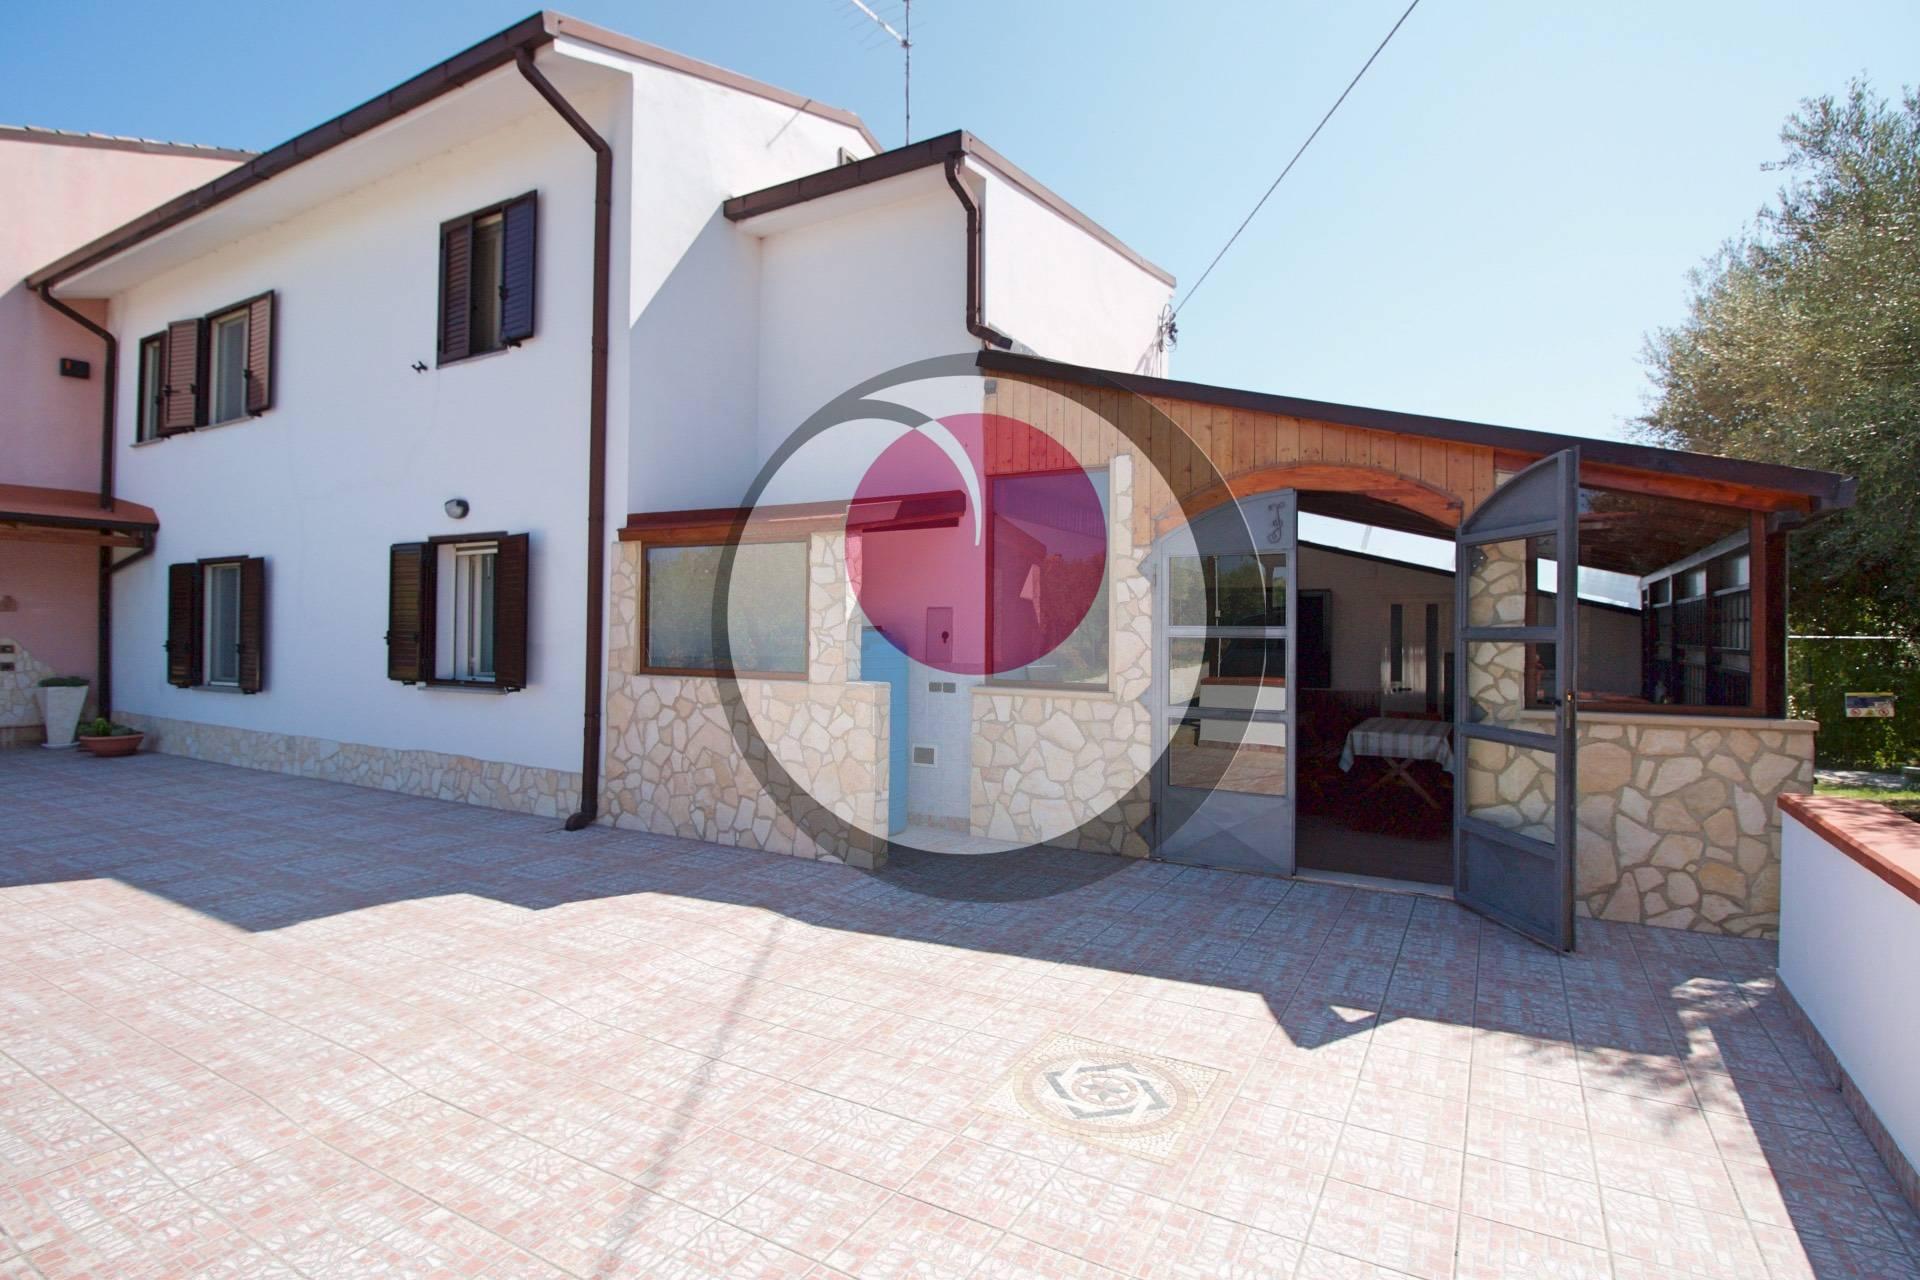 Soluzione Semindipendente in vendita a Rocca San Giovanni, 9 locali, prezzo € 180.000 | CambioCasa.it